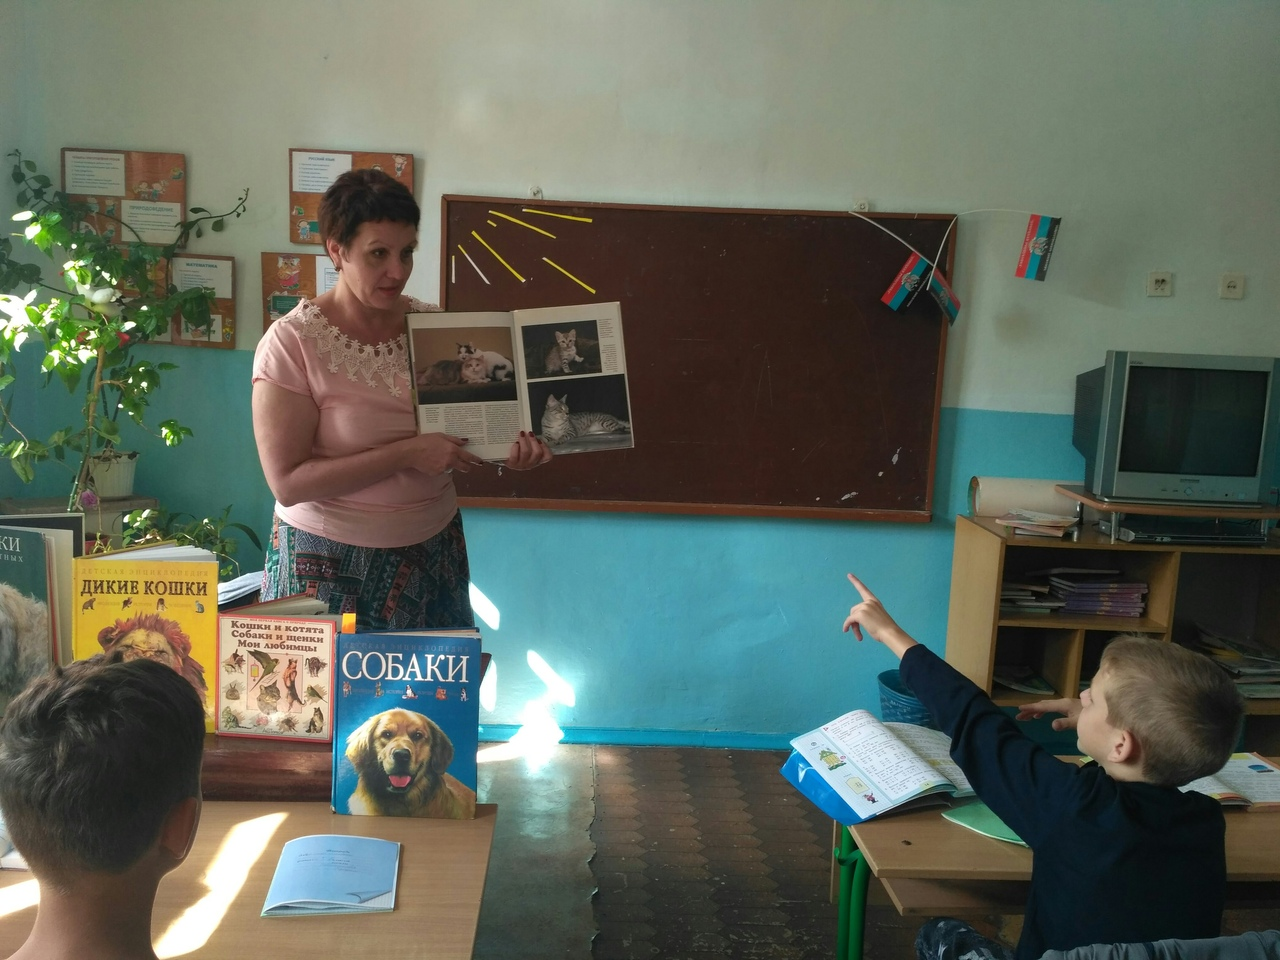 животный мир планеты, детям о природе, донецкая республиканская библиотека для детей, сектор организации досуга детей